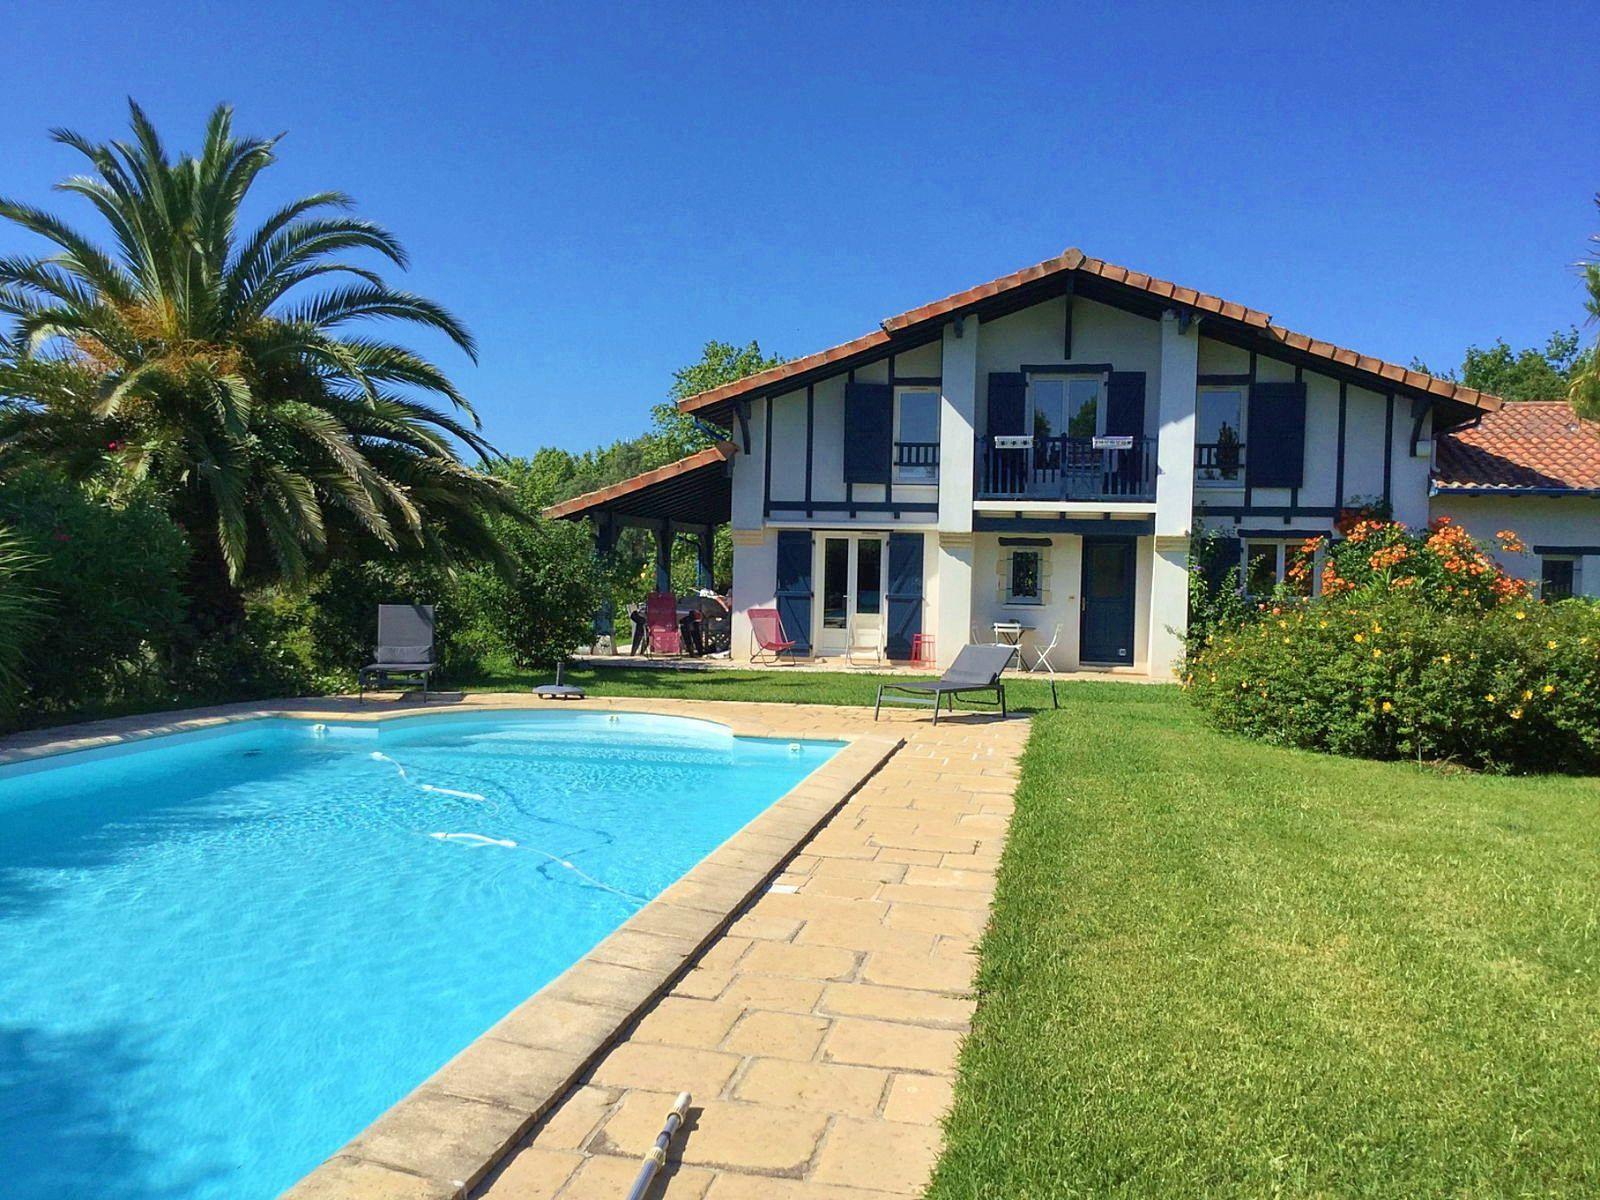 Loue maison avec piscine, 6à 8couchages, 4chambres, Biarritz (64)